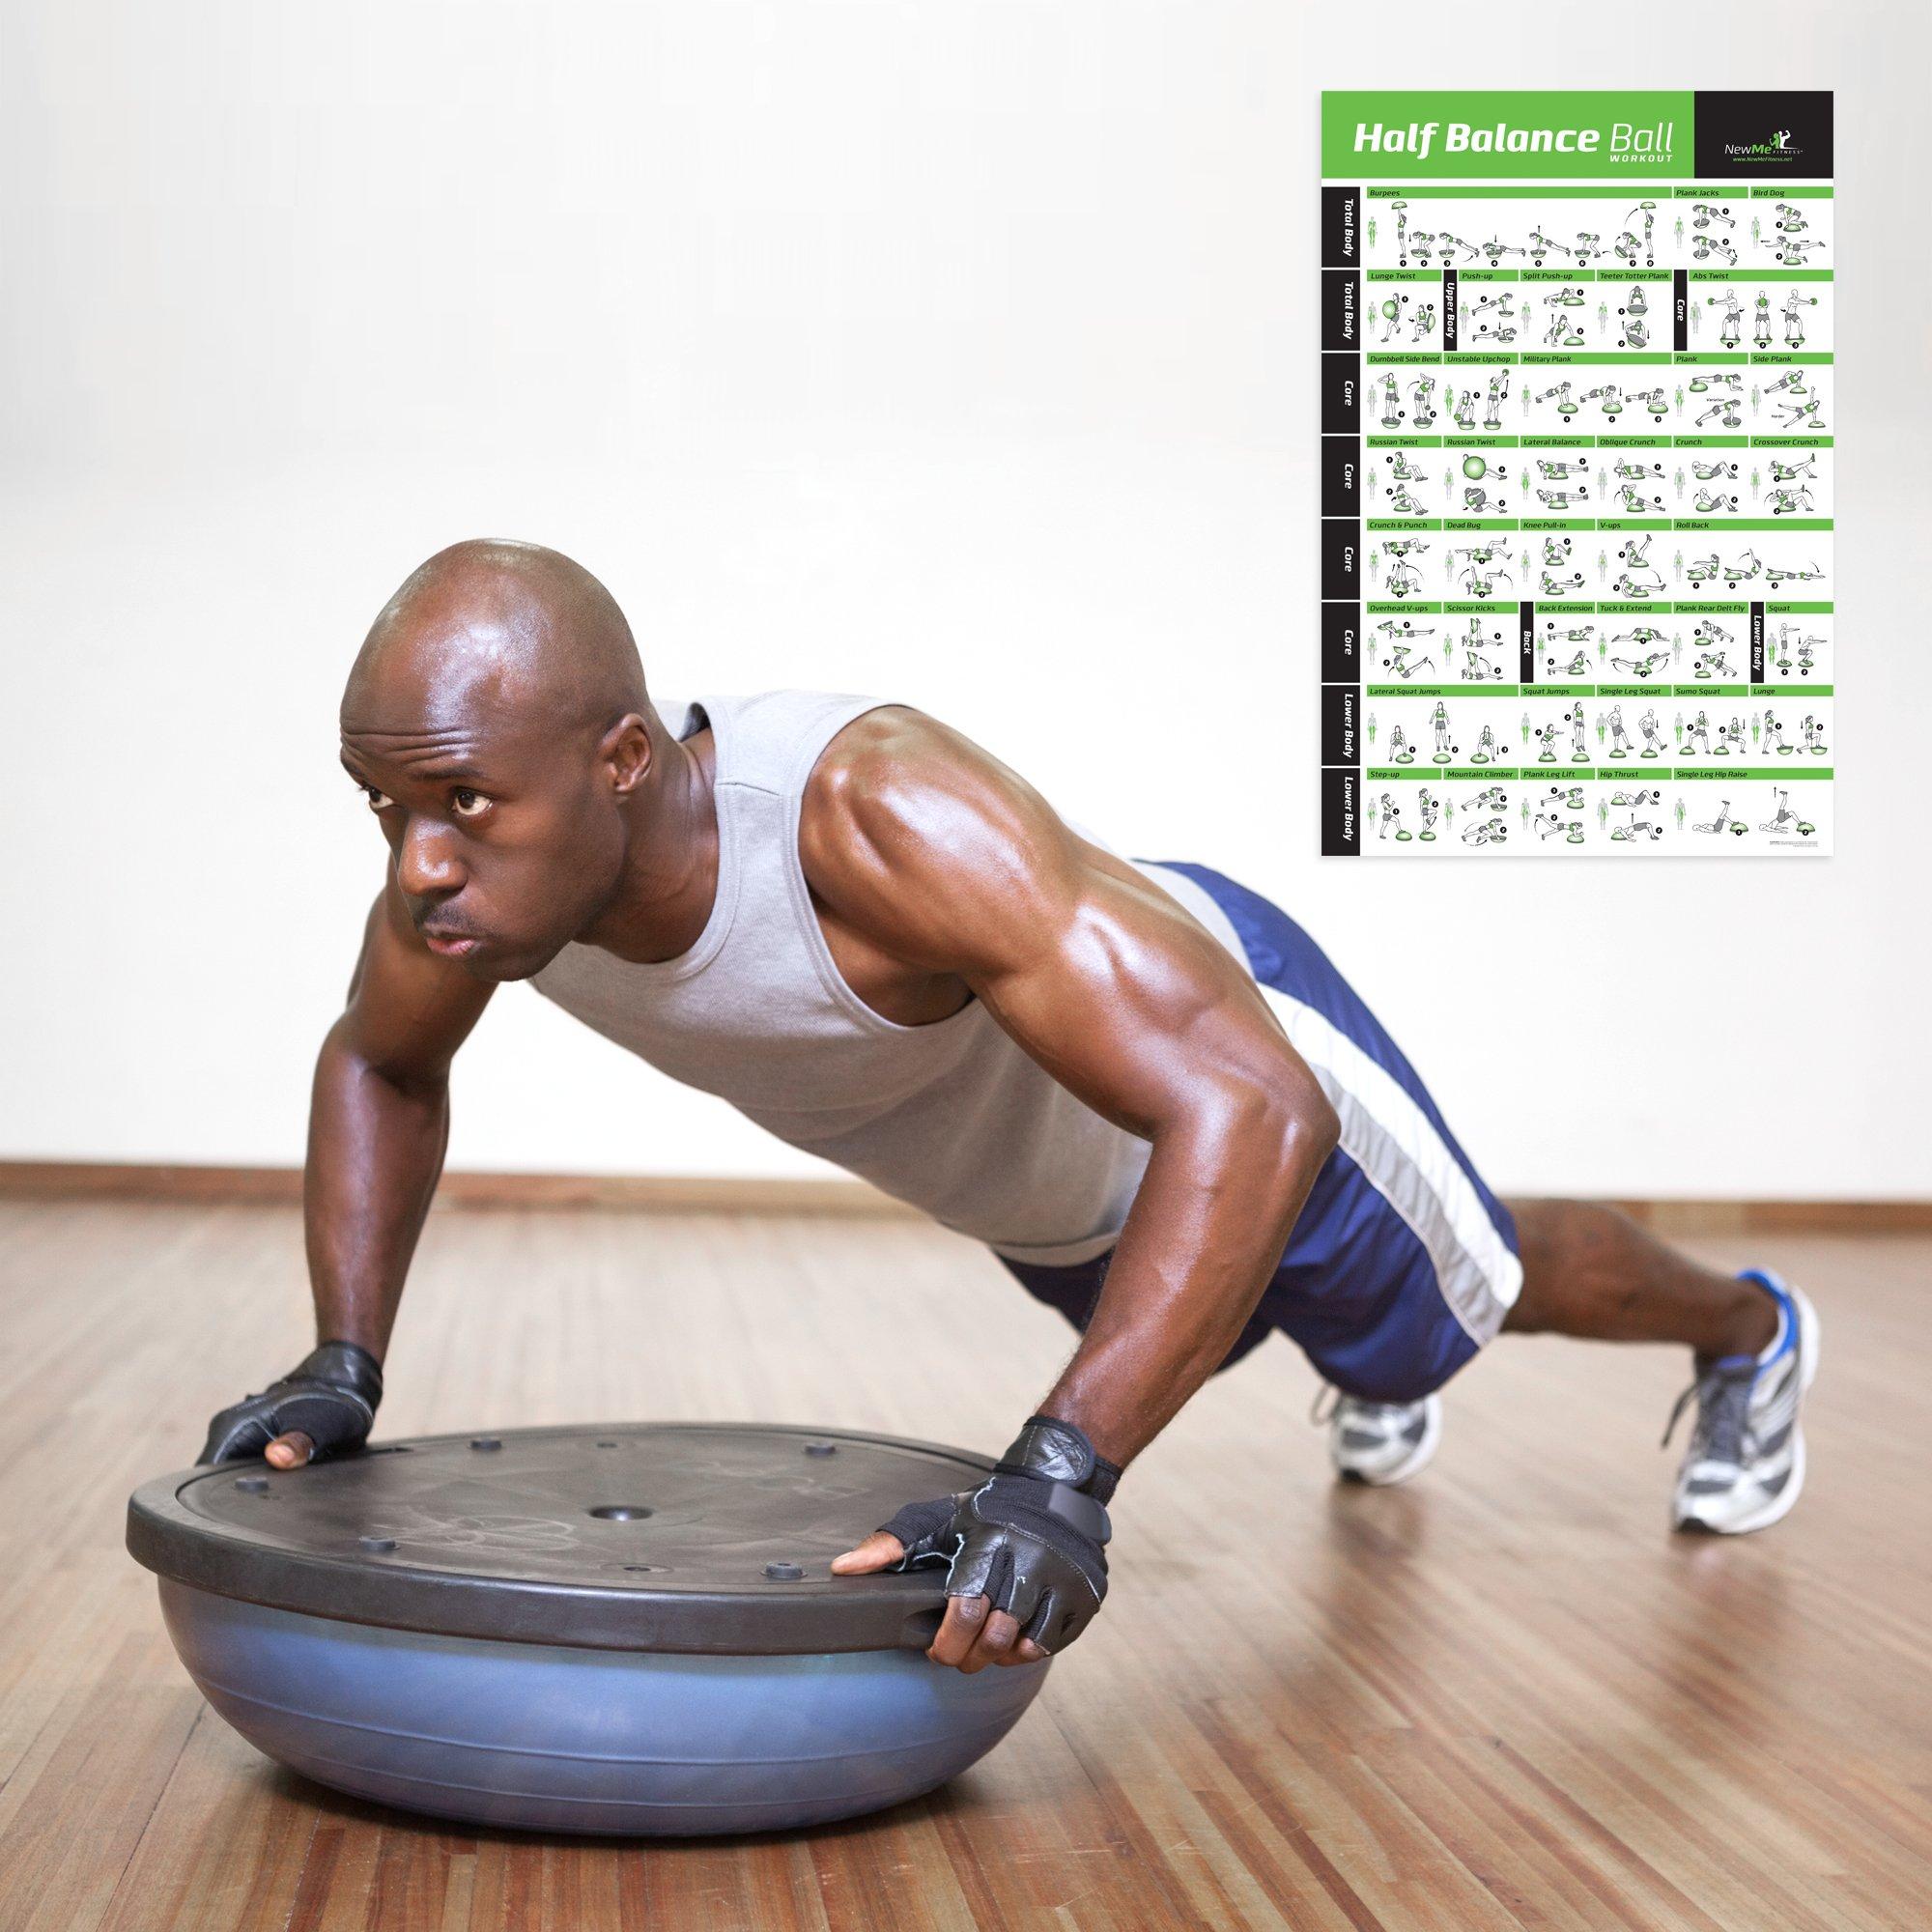 Newme Fitness Half Balance Ball Workout Poster  U2013 Laminated